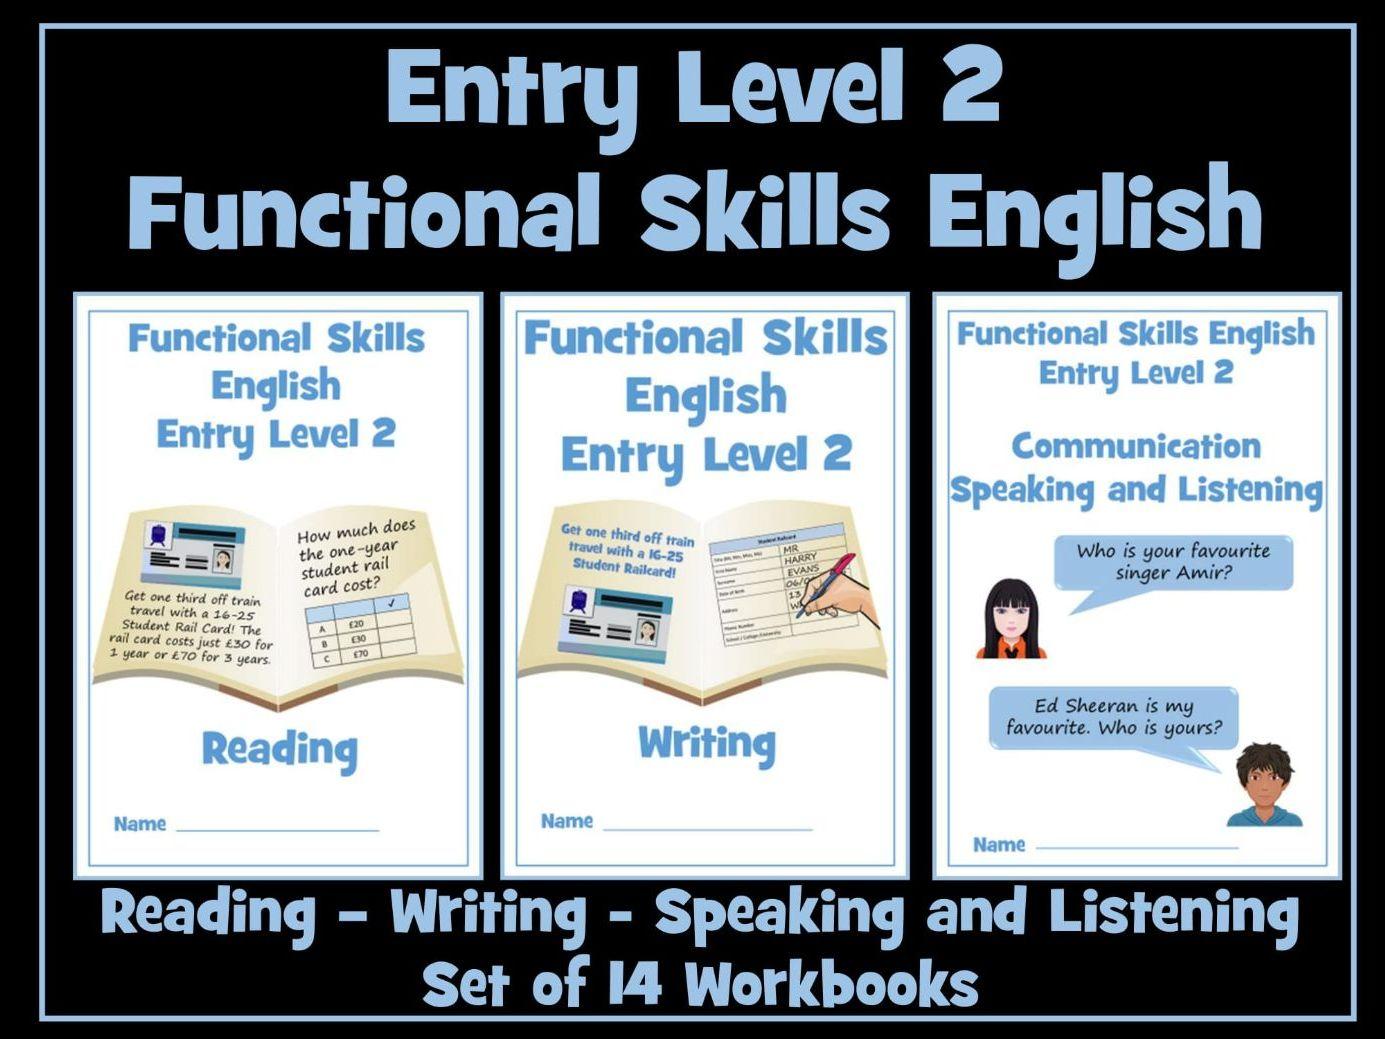 Functional Skills English Entry Level 2 Workbooks Bundle